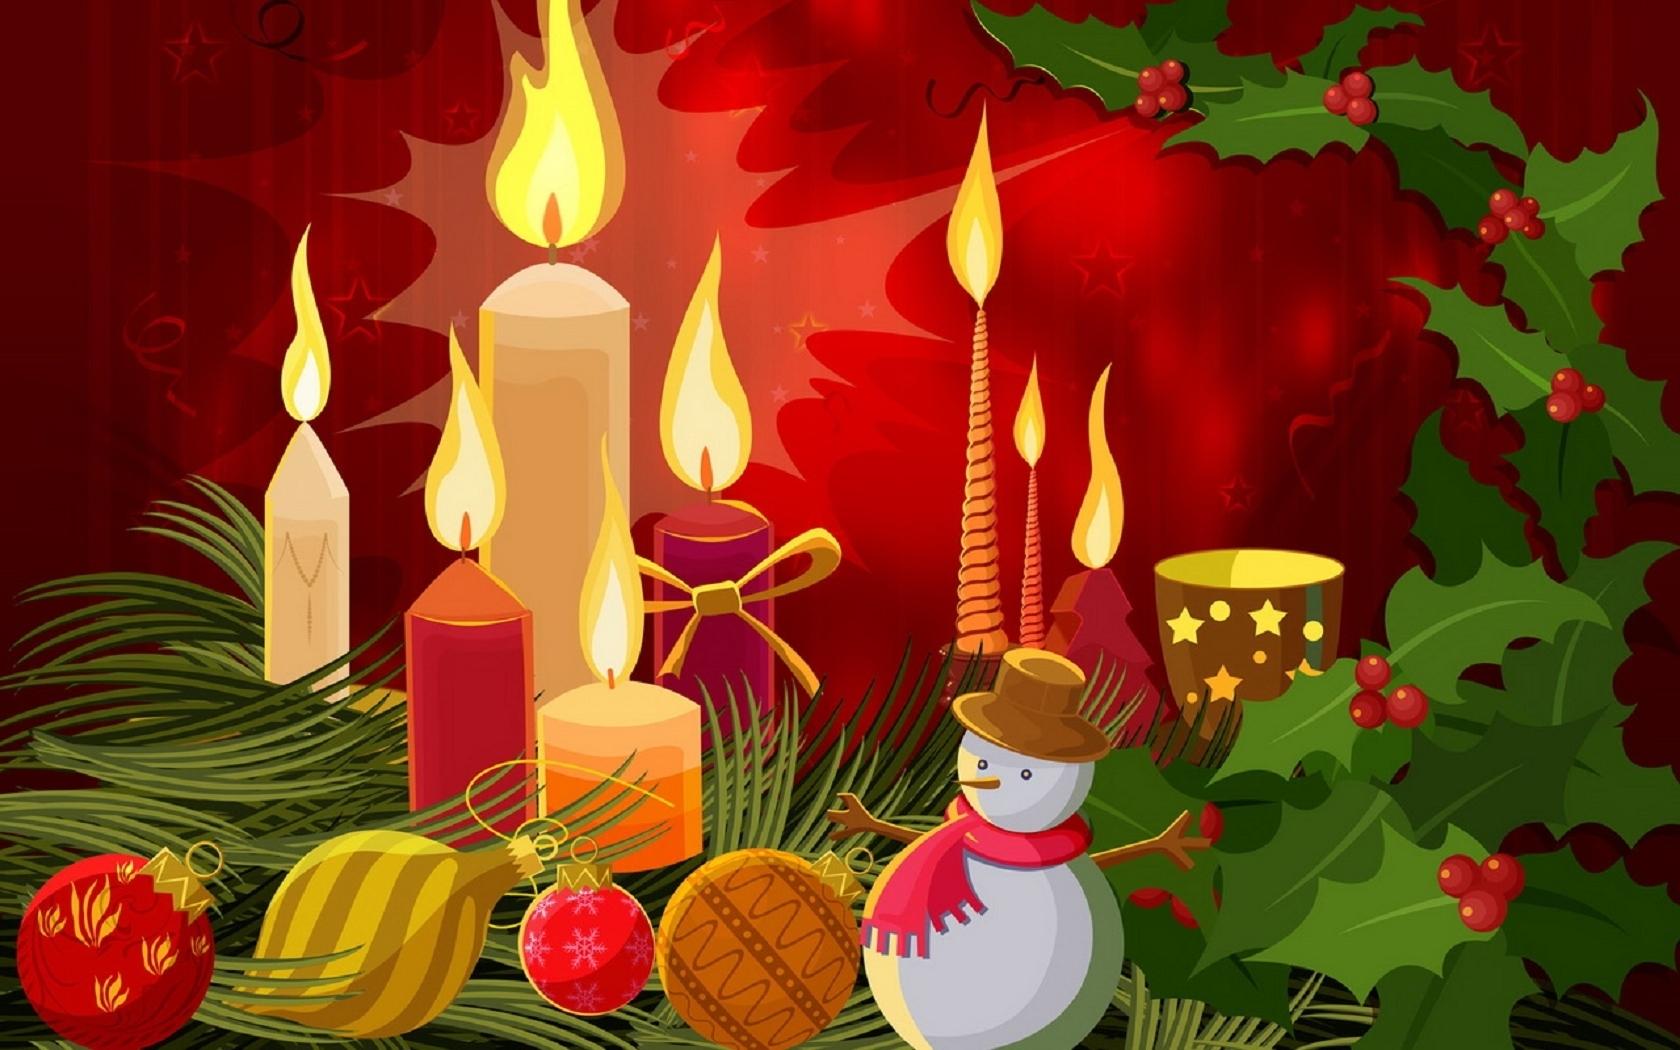 https://i1.wp.com/images4.fanpop.com/image/photos/16700000/Christmas-Time-christmas-16778340-1680-1050.jpg